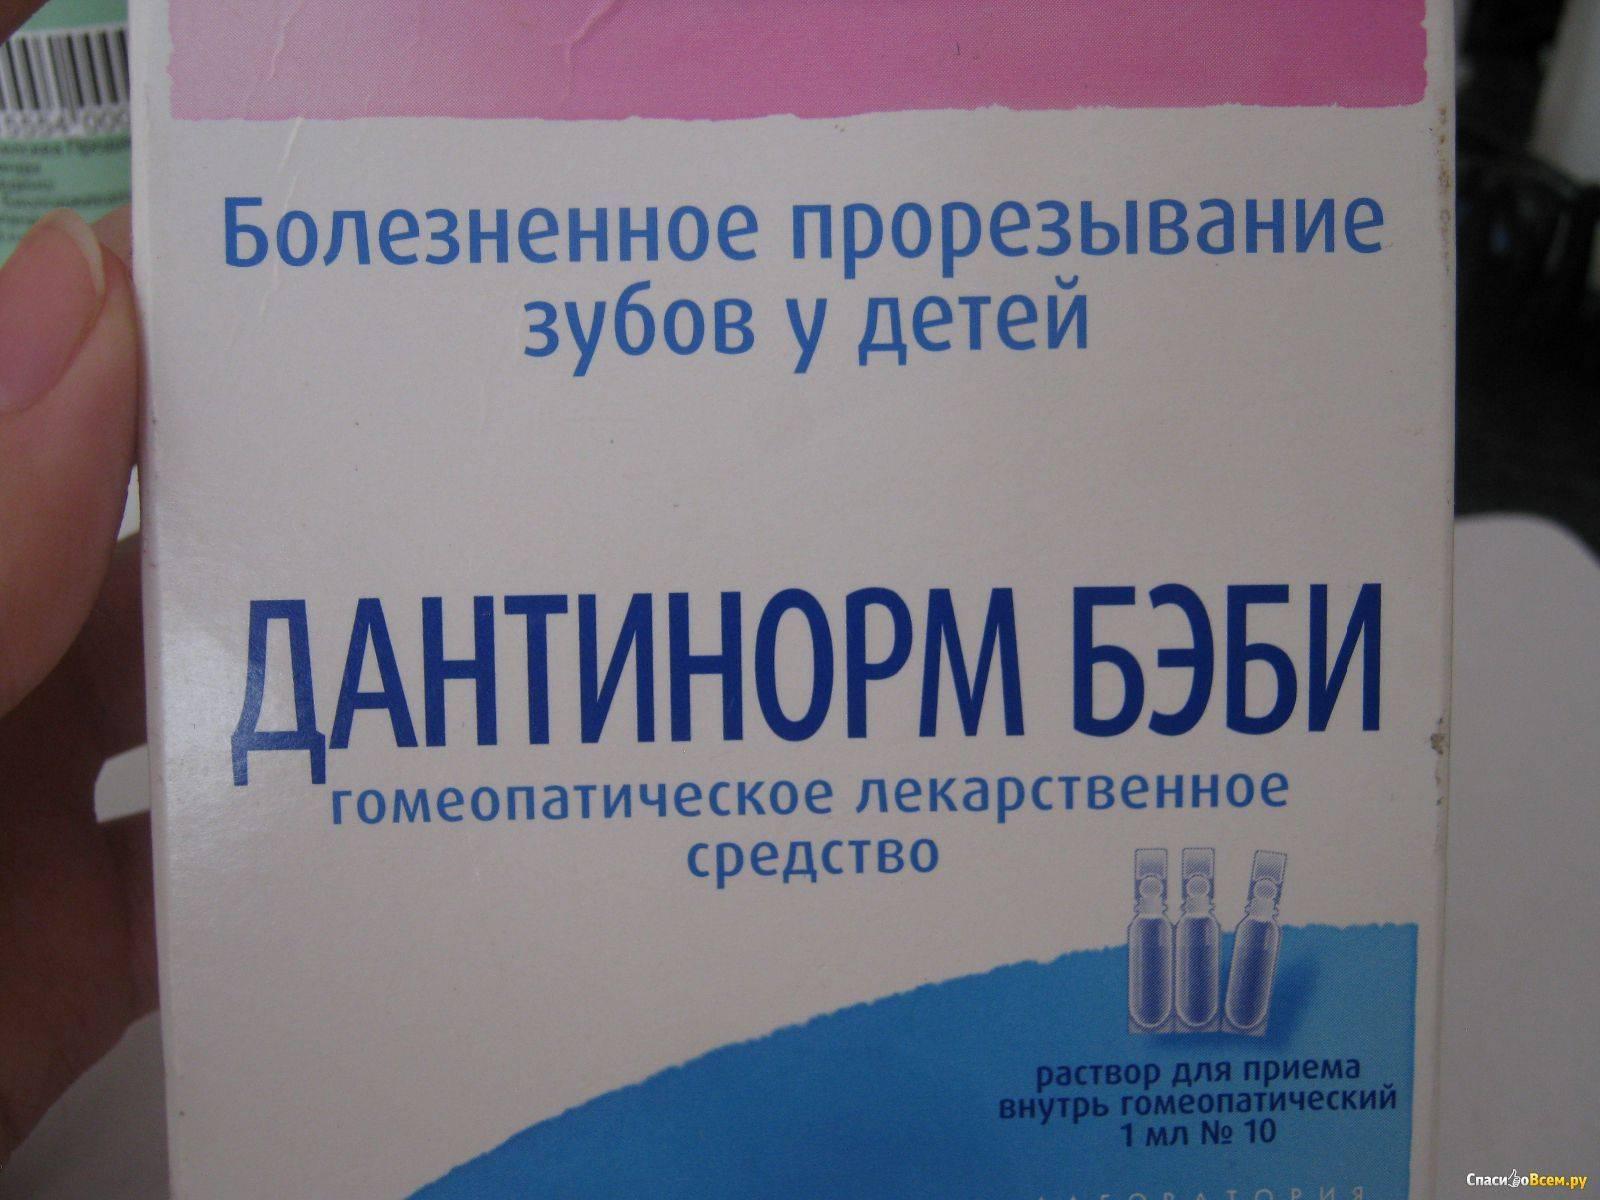 Применение дантинорма бэби при прорезывании зубов у детей: инструкция и состав капель